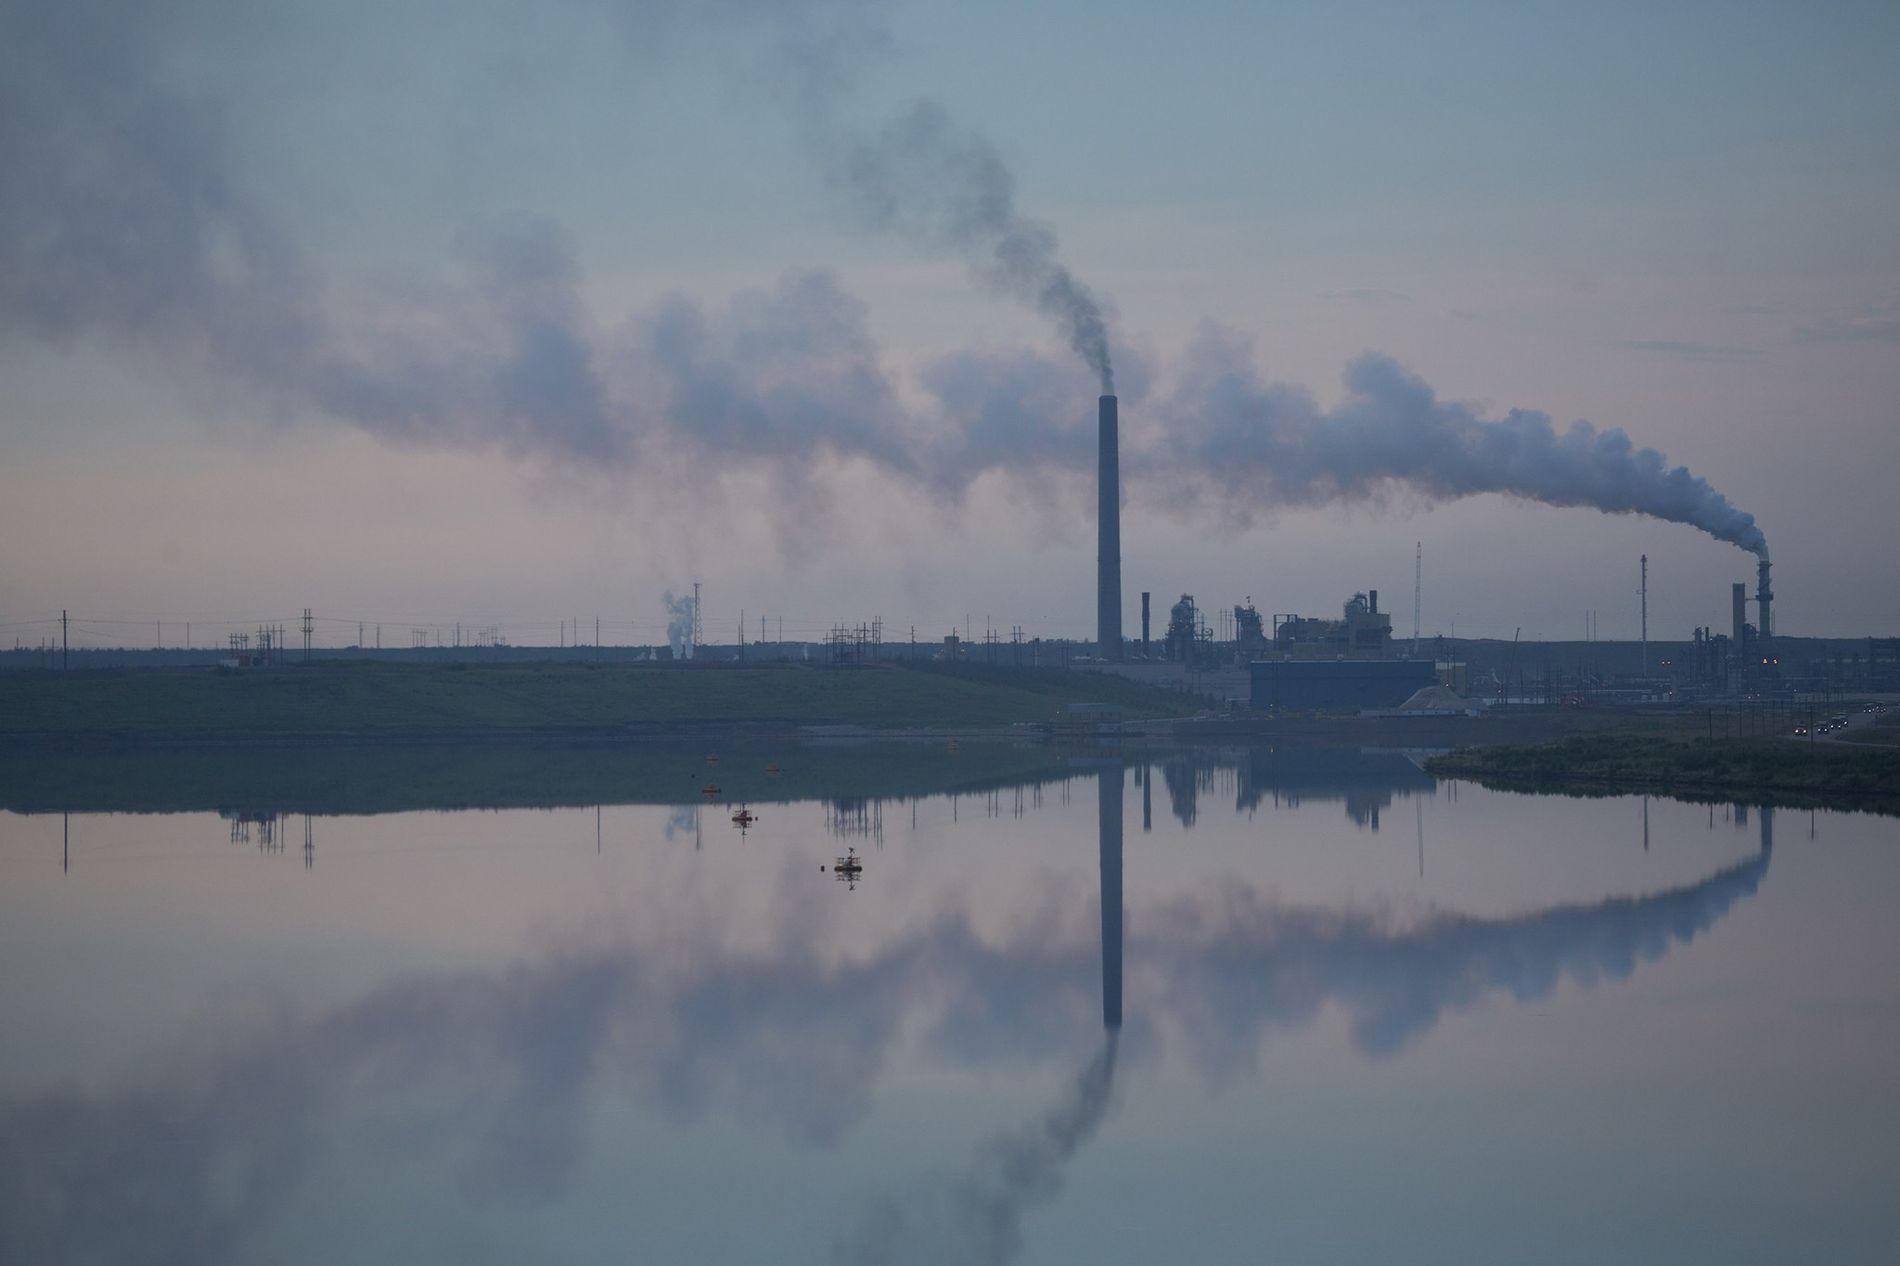 Ölsandanlagen wie diese in Kanada produzieren mehr Treibhausgase als die Rohölproduktion. Wenn die Regierungen eine Klimakatastrophe ...